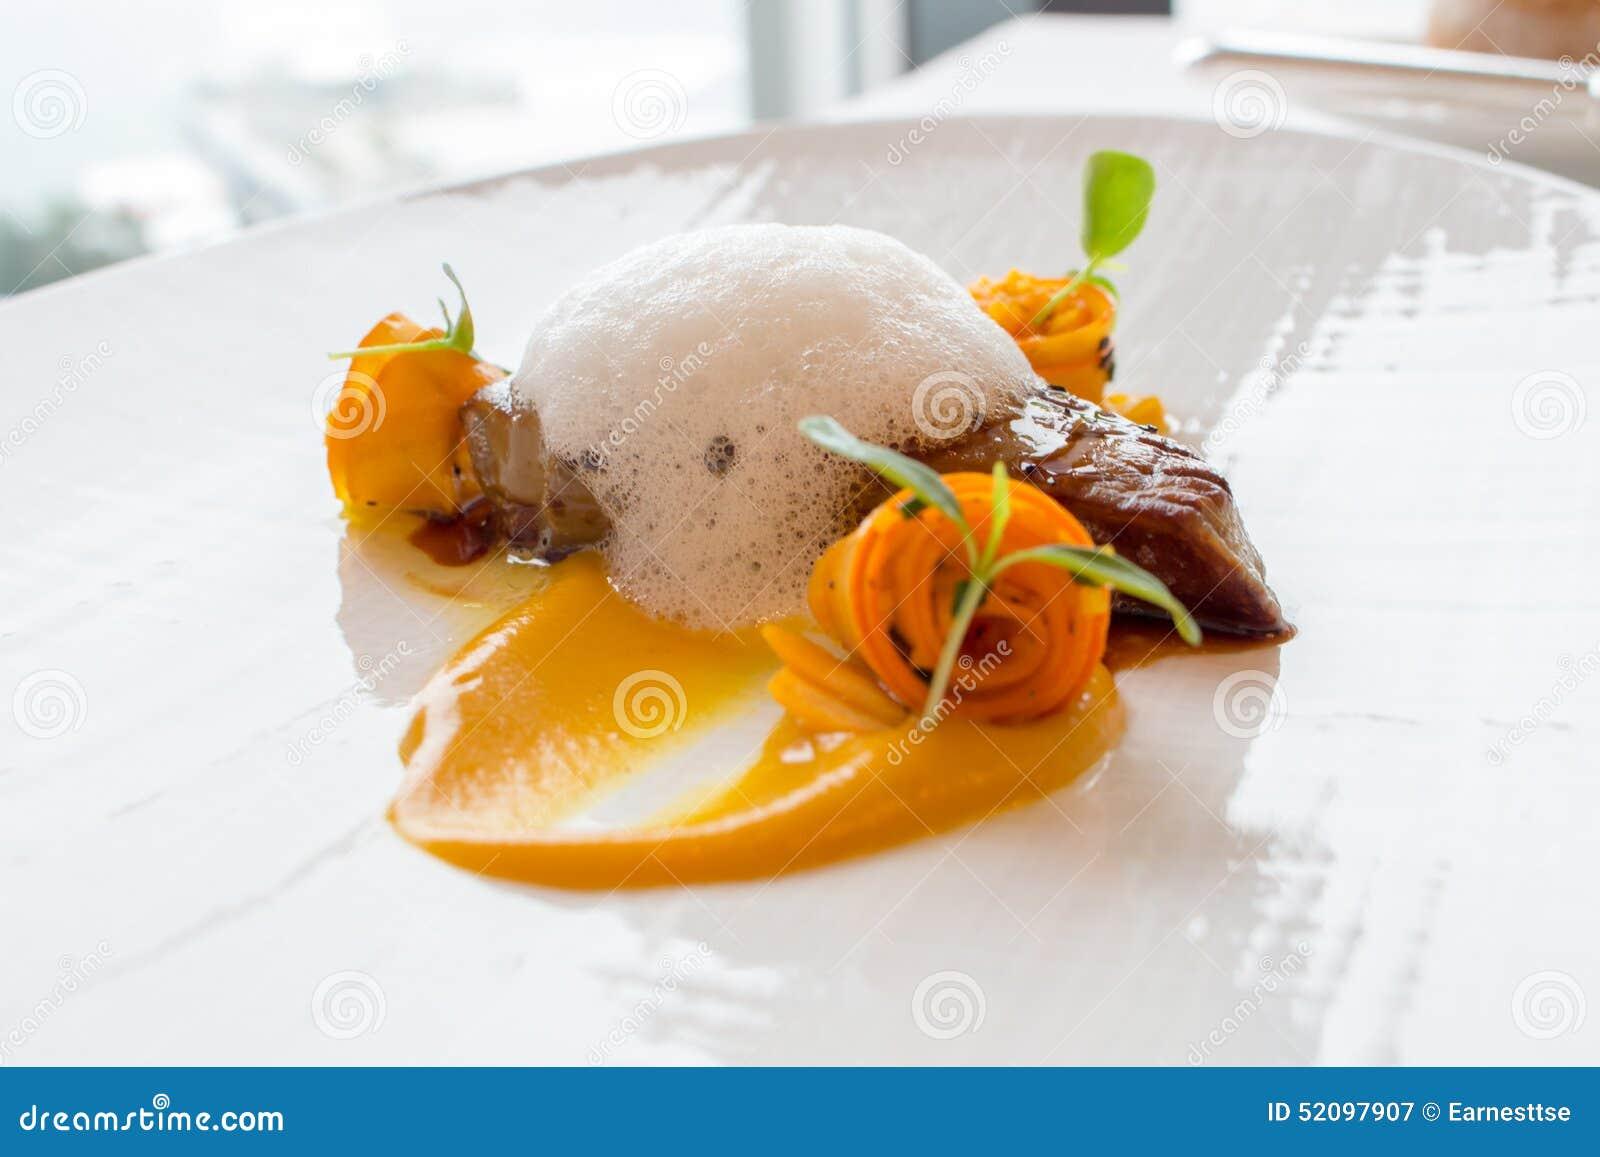 Pan Seared Duck Foie Gras delicioso em uma placa